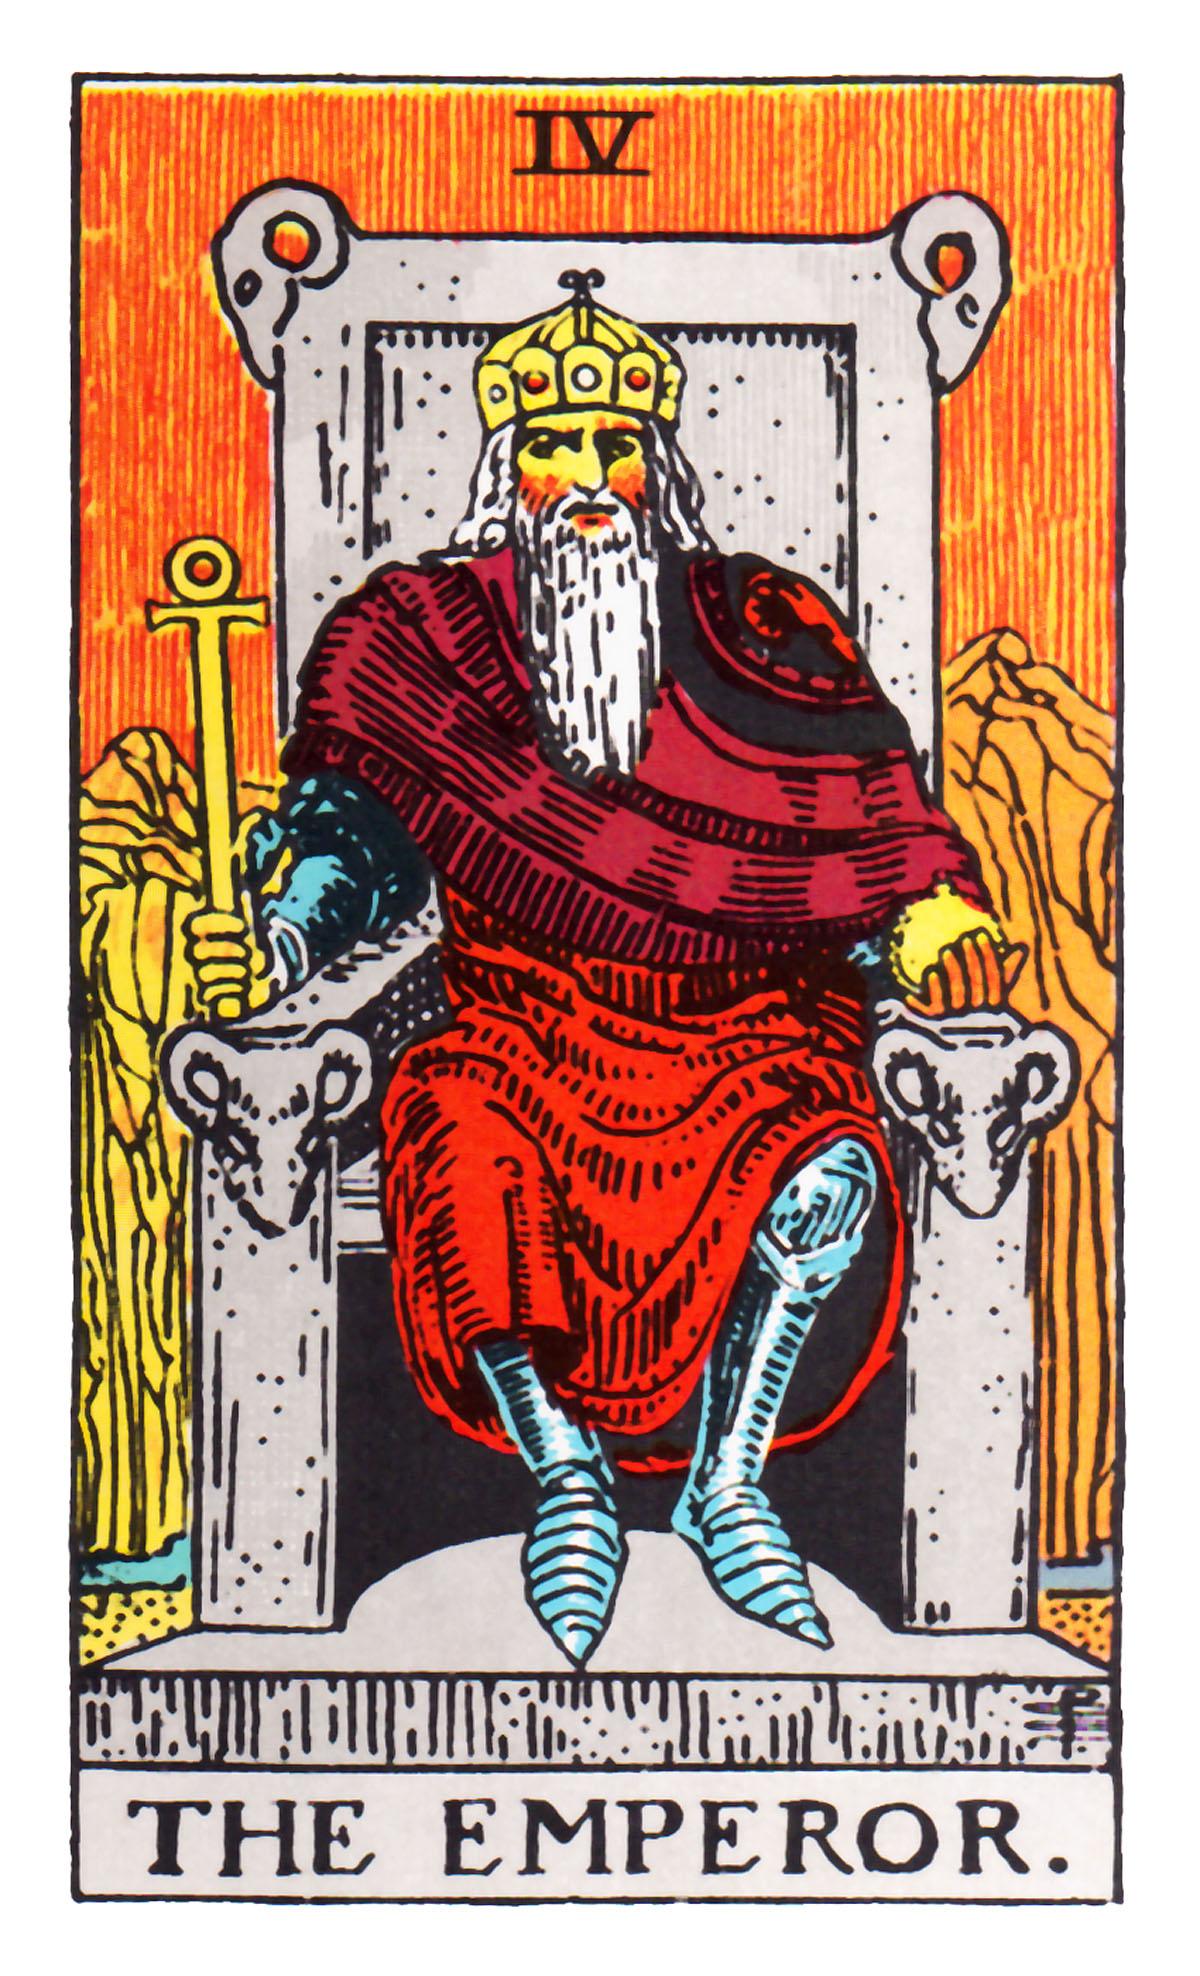 Tarot significado-colores-tarot El significado de los colores en el tarot Tarot y cartas